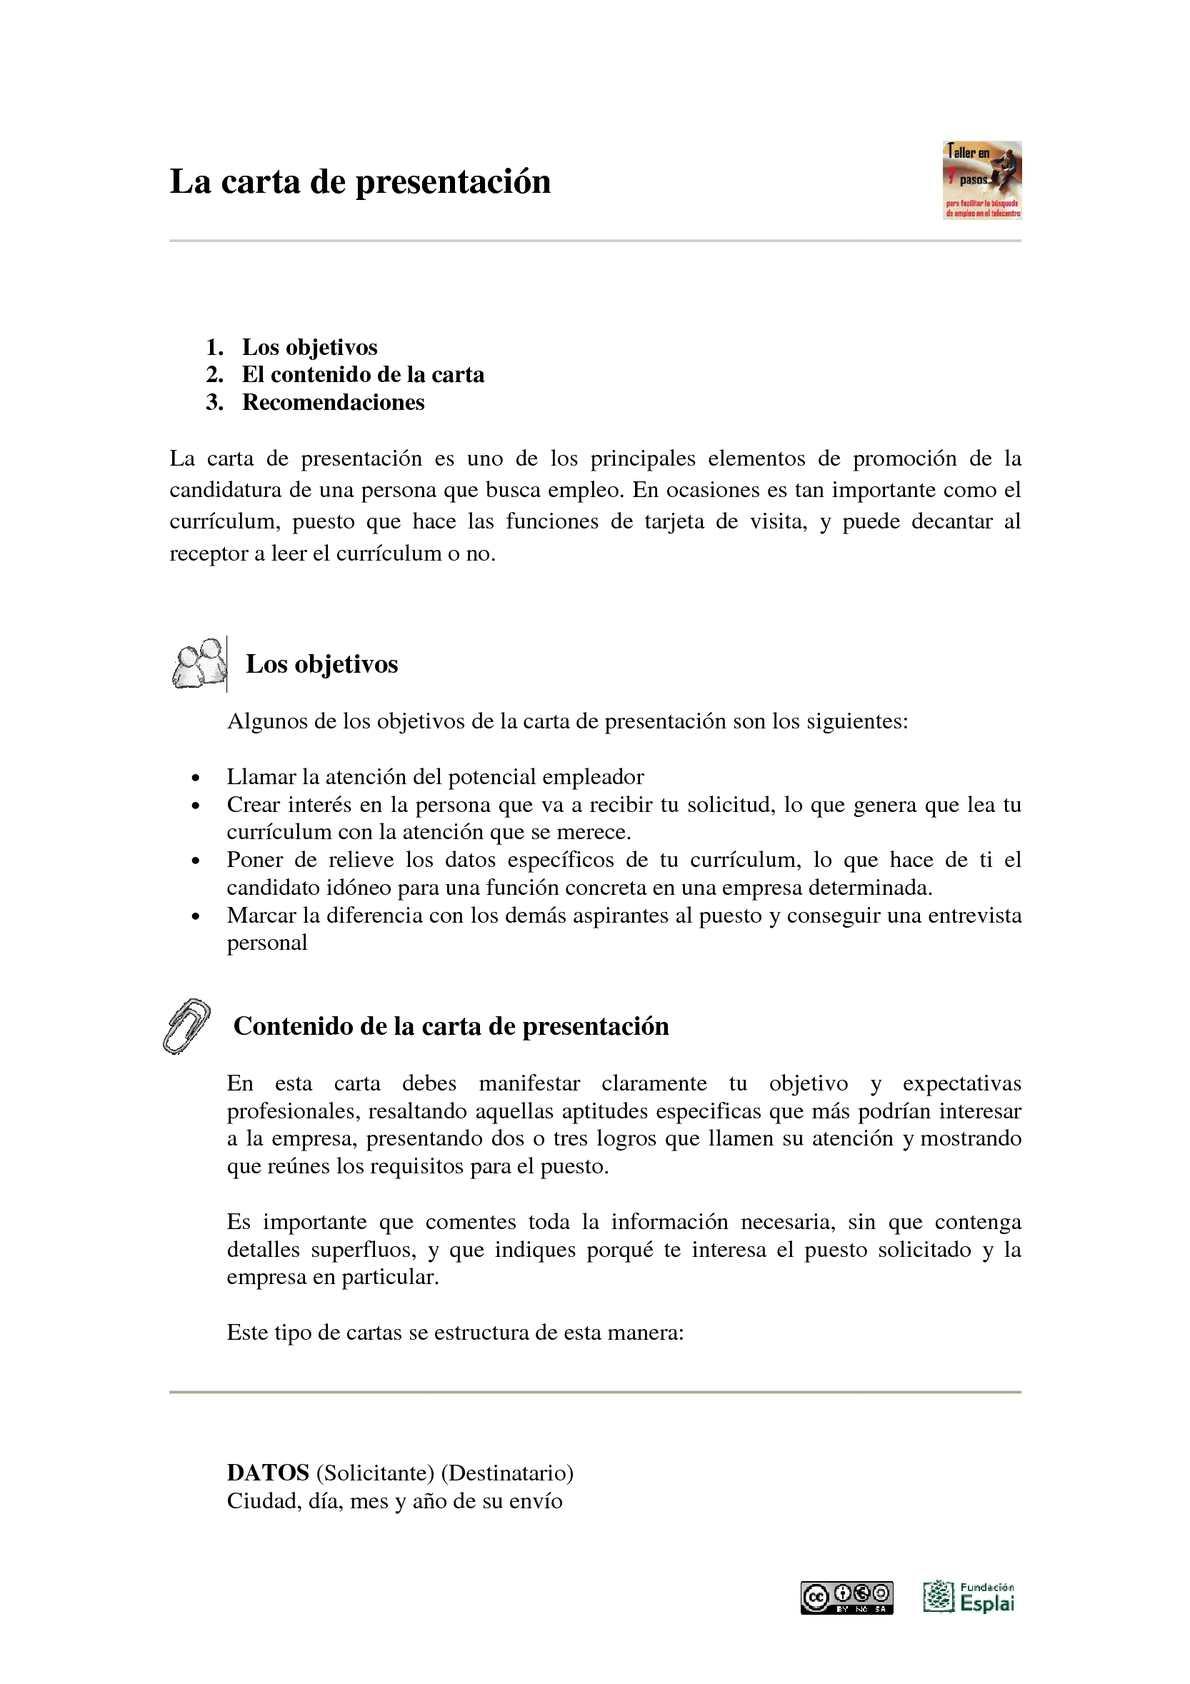 Calaméo - 7-pasos-para-la-búsqueda-de-empleo-La-carta-de-presentación